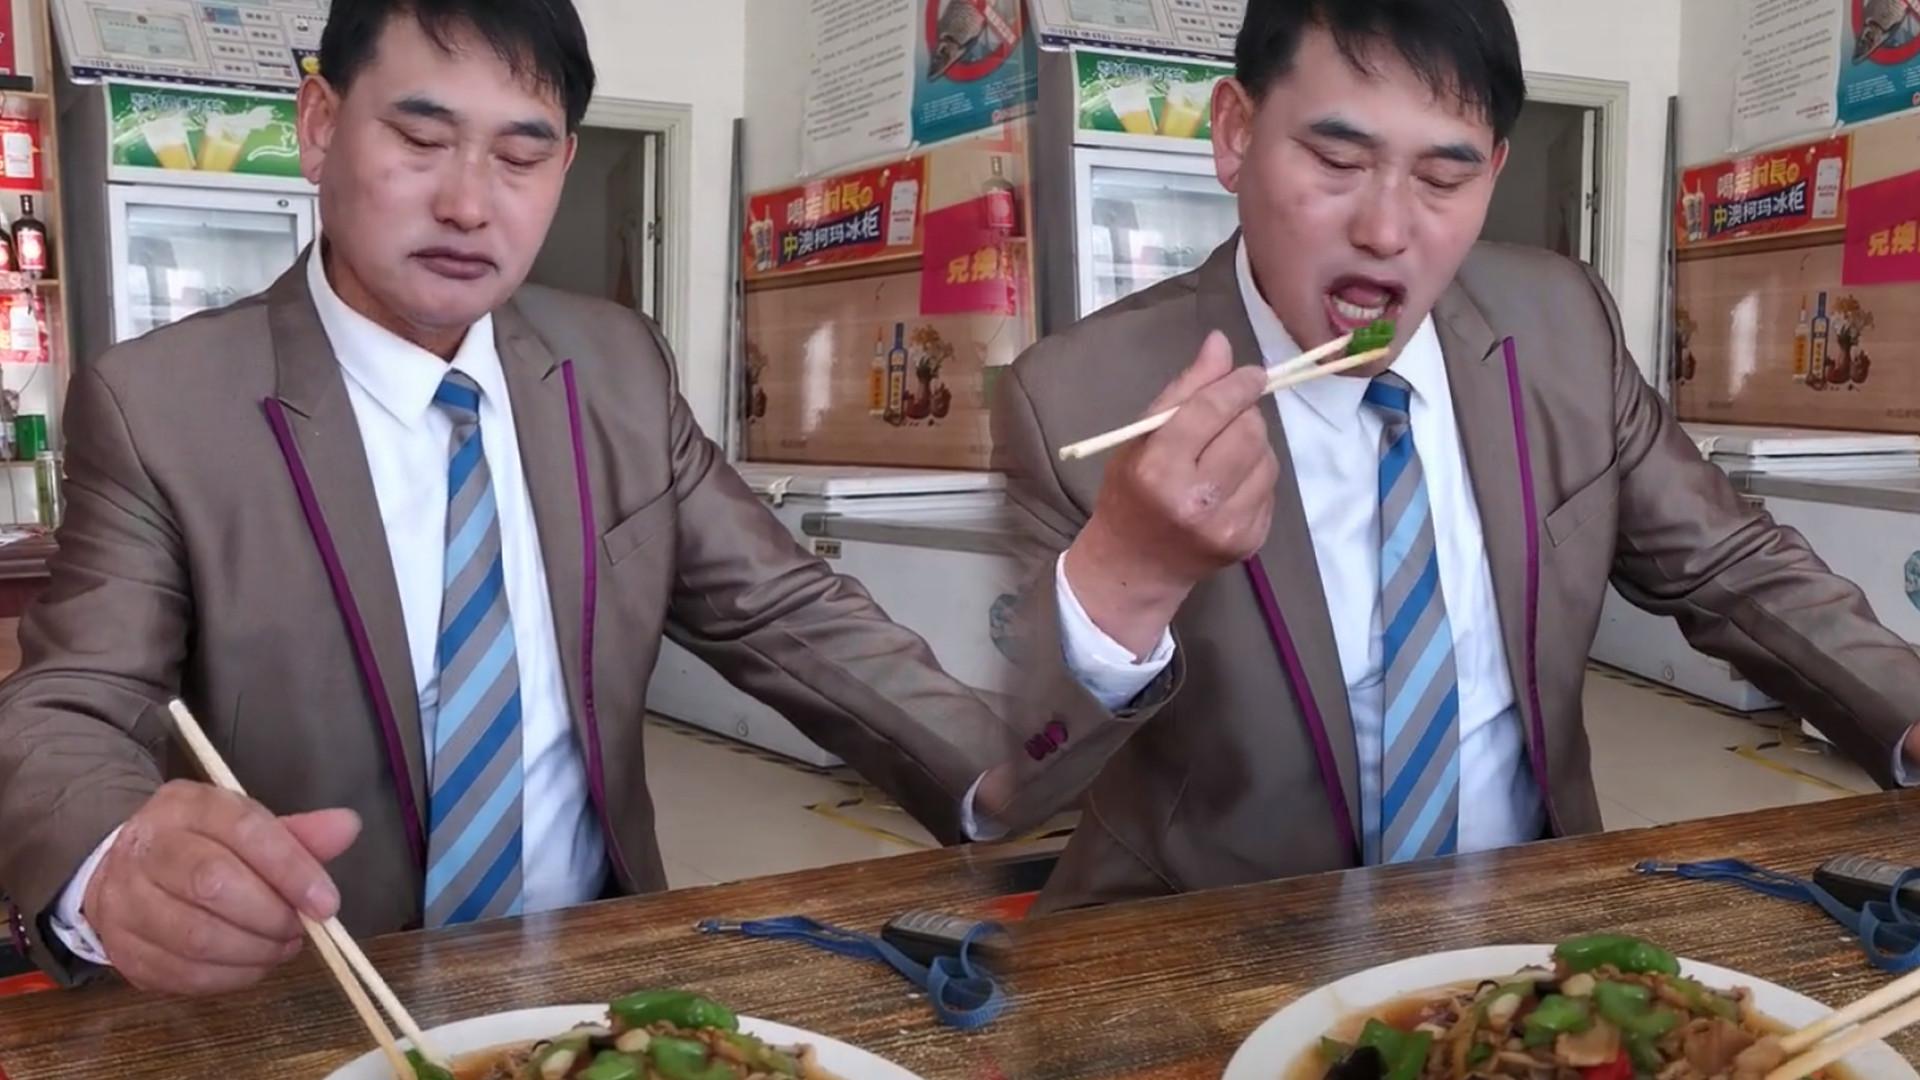 小饭馆偶遇大衣哥,身价千万为人依旧低调,桌上停产的手机太抢镜